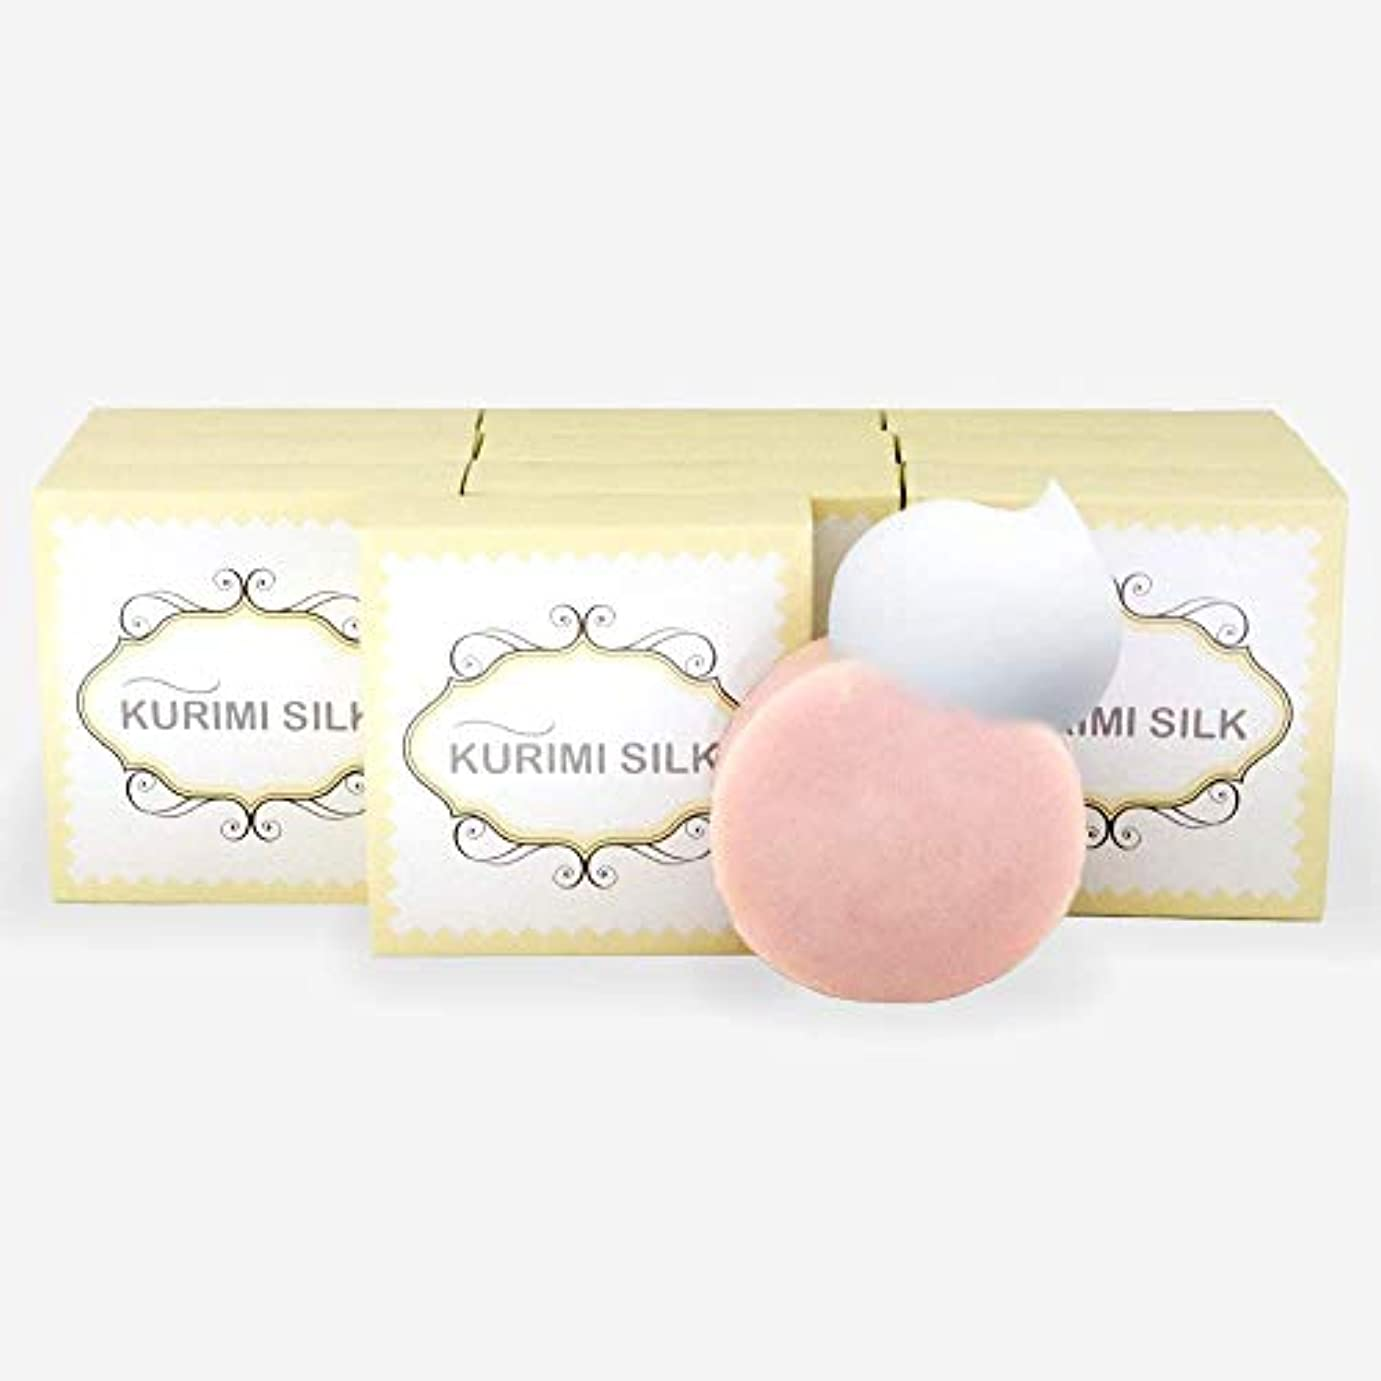 シュートフロンティア持つヒップ 背中 ニキビ 角質 美白 保湿 体臭 ケア KURIMI SILK [ クリミシルク ] デオドラント 高級化粧石鹸/枠練り石鹸 80g(10個)